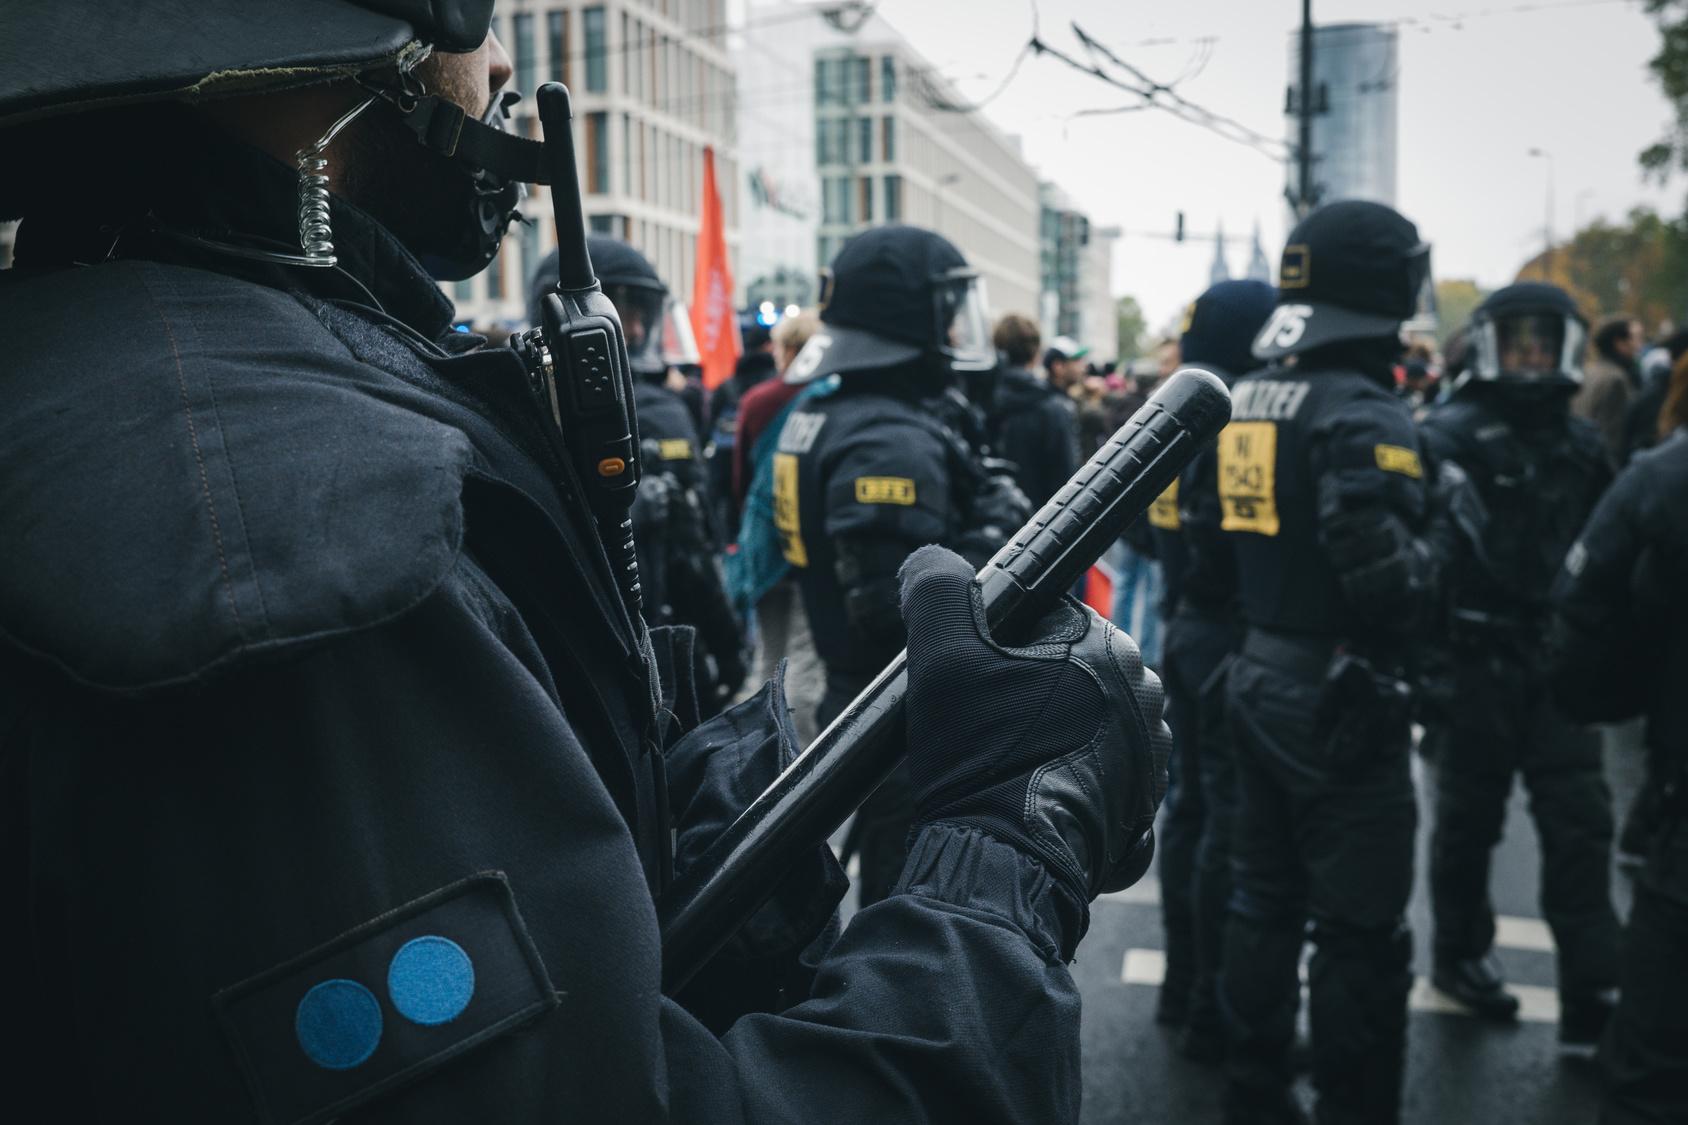 Er könnte sein Augenlicht verlieren: Randalierer wirft Polizist Böller ins Gesicht